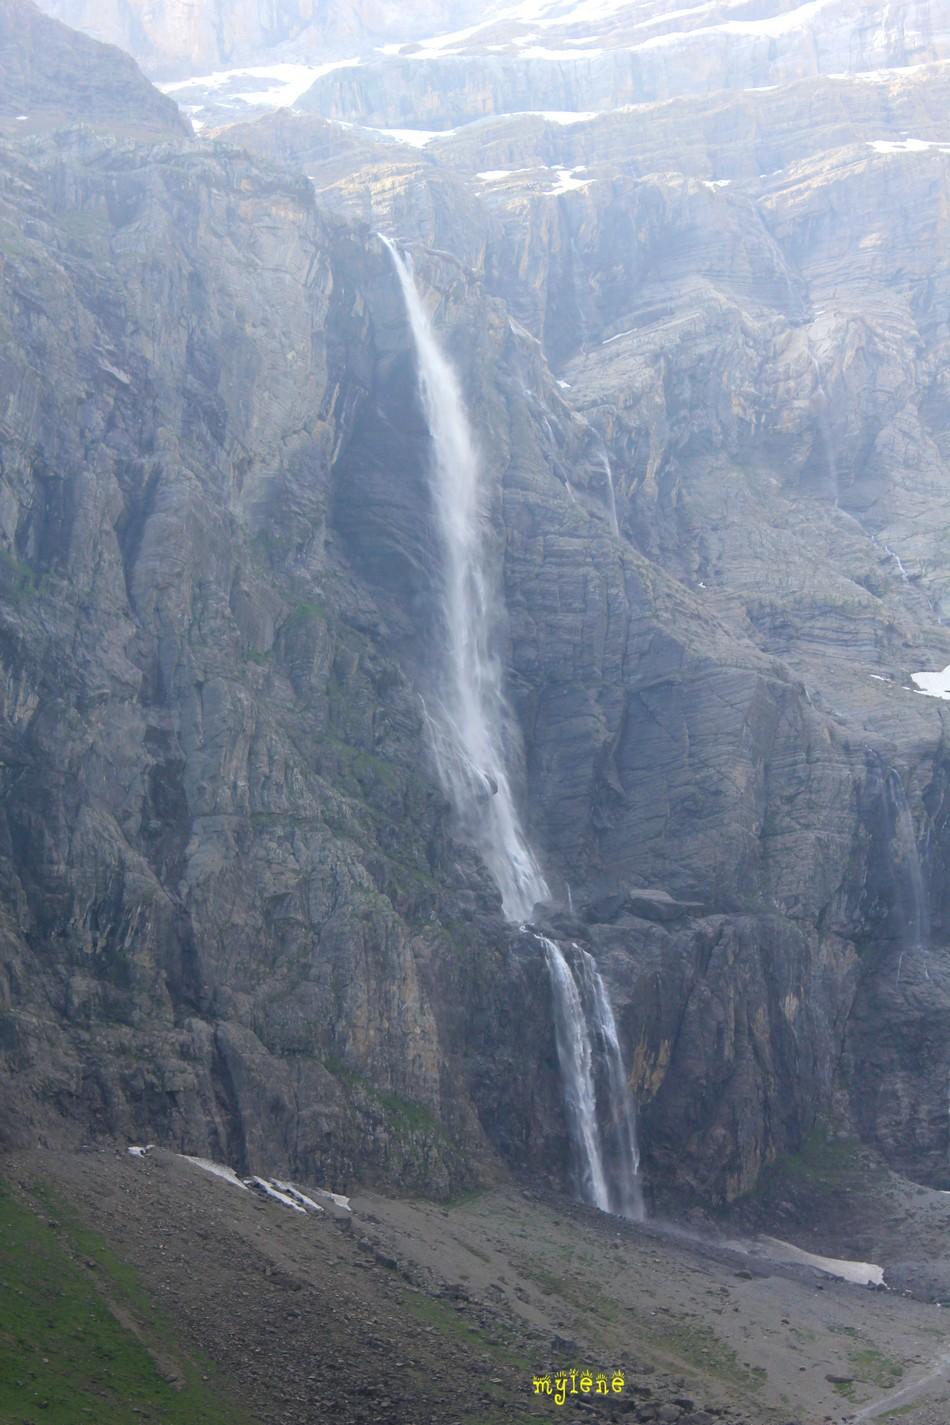 la fameuse cascade spectaculaire